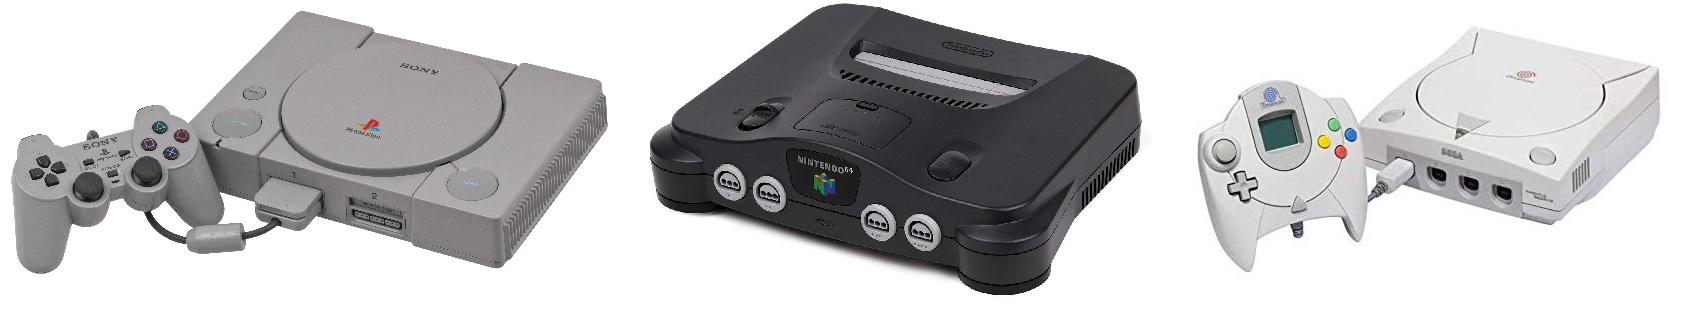 Sony/Nintendo/Sega